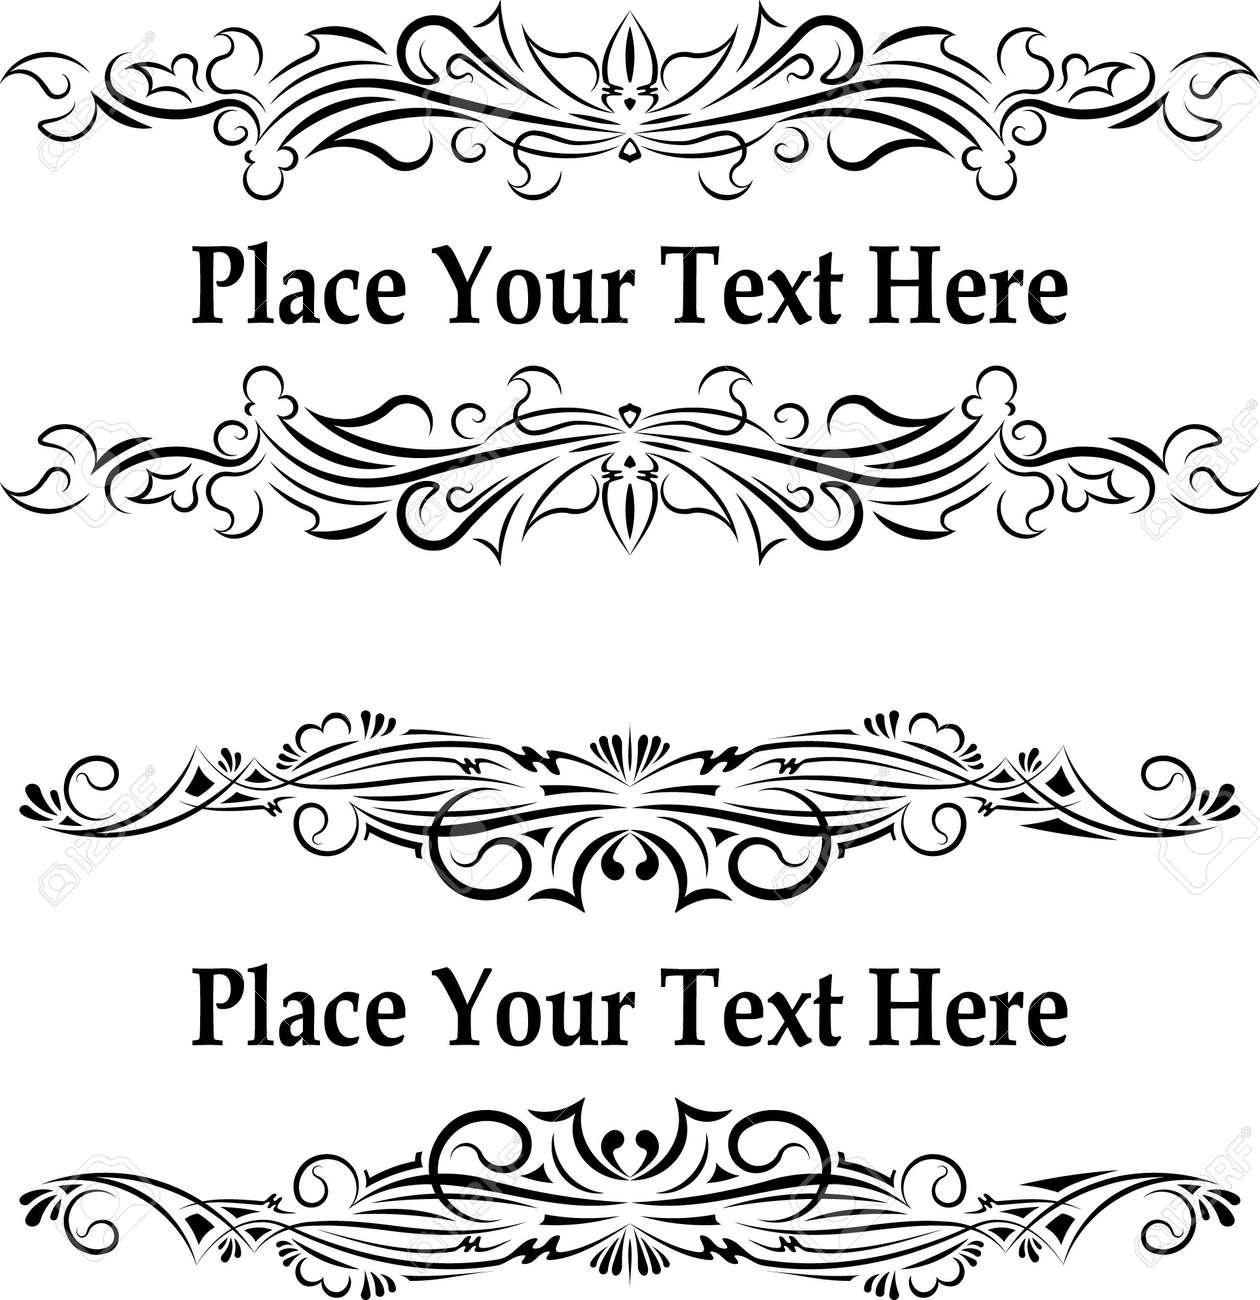 Schön Einfügen In Textrahmen Tipps Zeitgenössisch - Beispiel ...